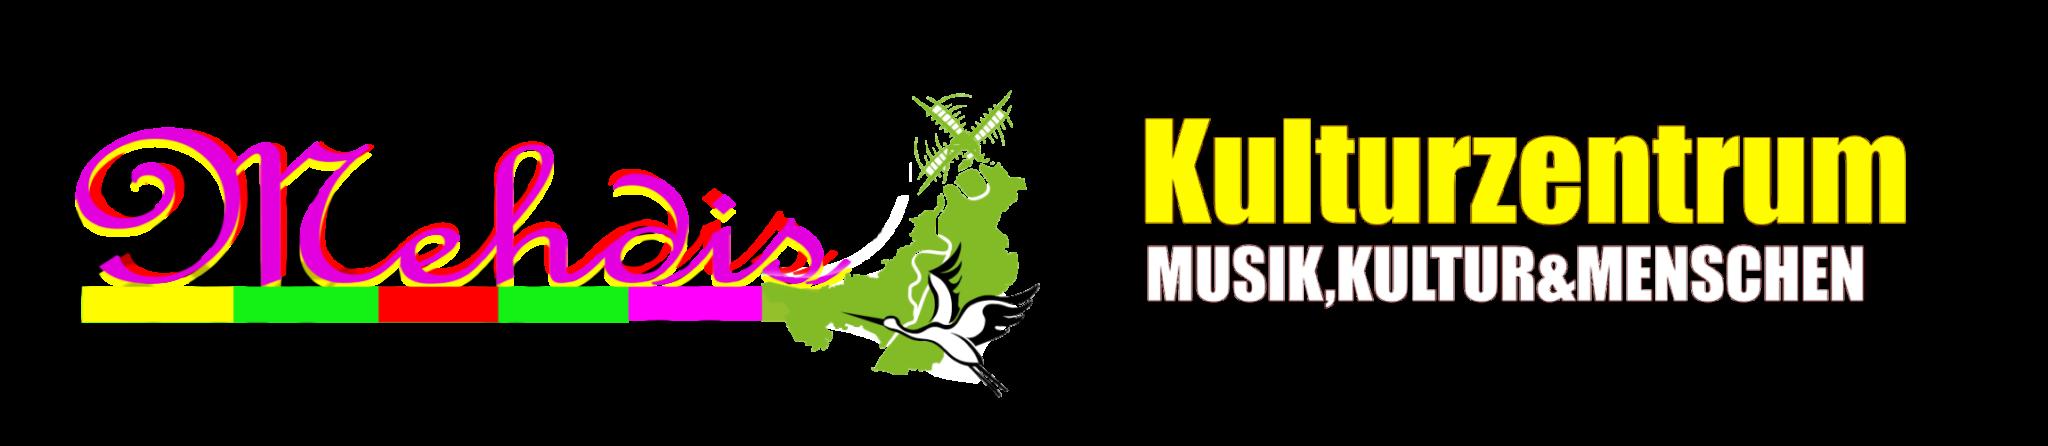 Mehdis Kulturzentrum